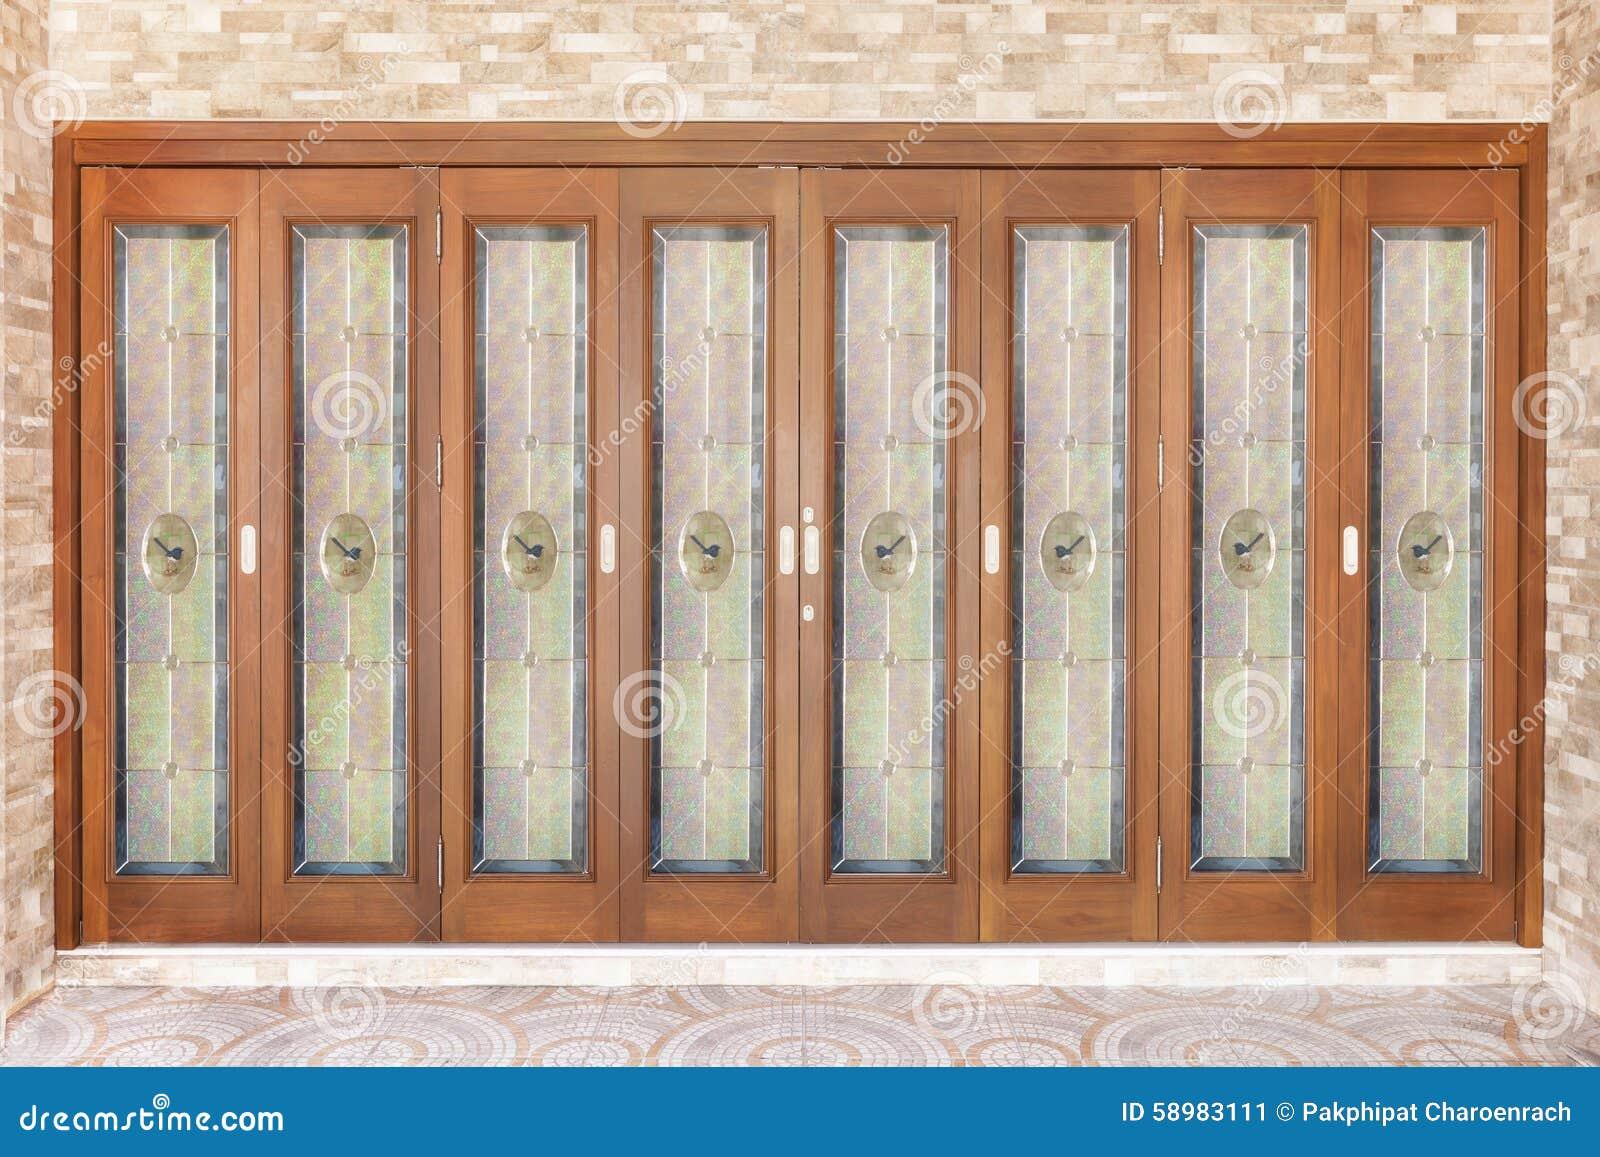 Tekowy drewniany drzwi z lustrem - tło